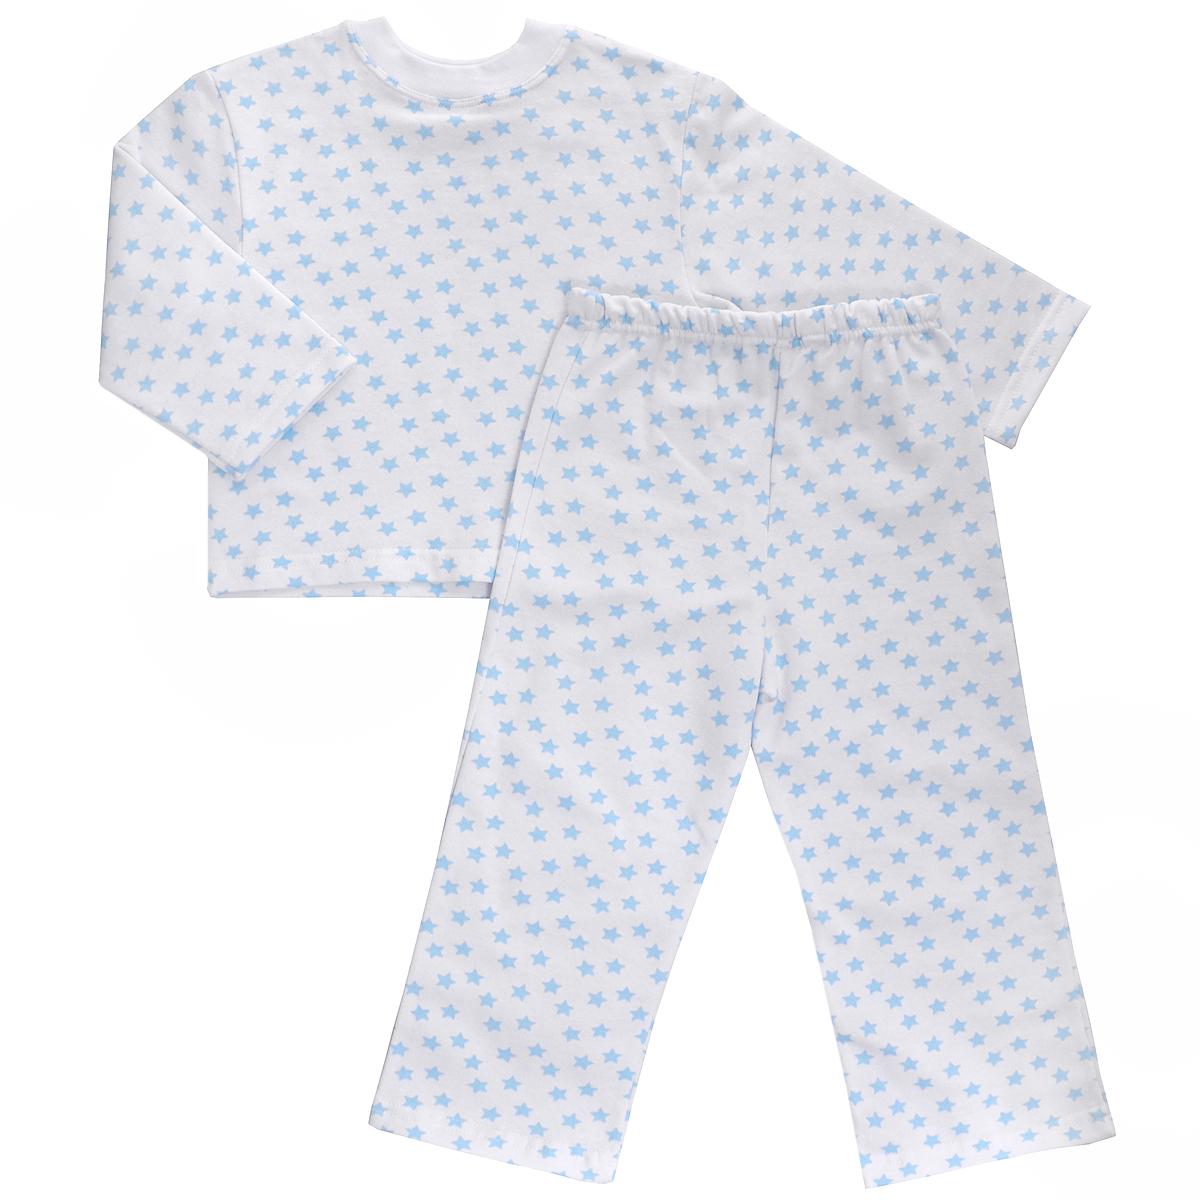 Пижама детская Трон-плюс, цвет: белый, голубой, рисунок звезды. 5553. Размер 98/104, 3-5 лет